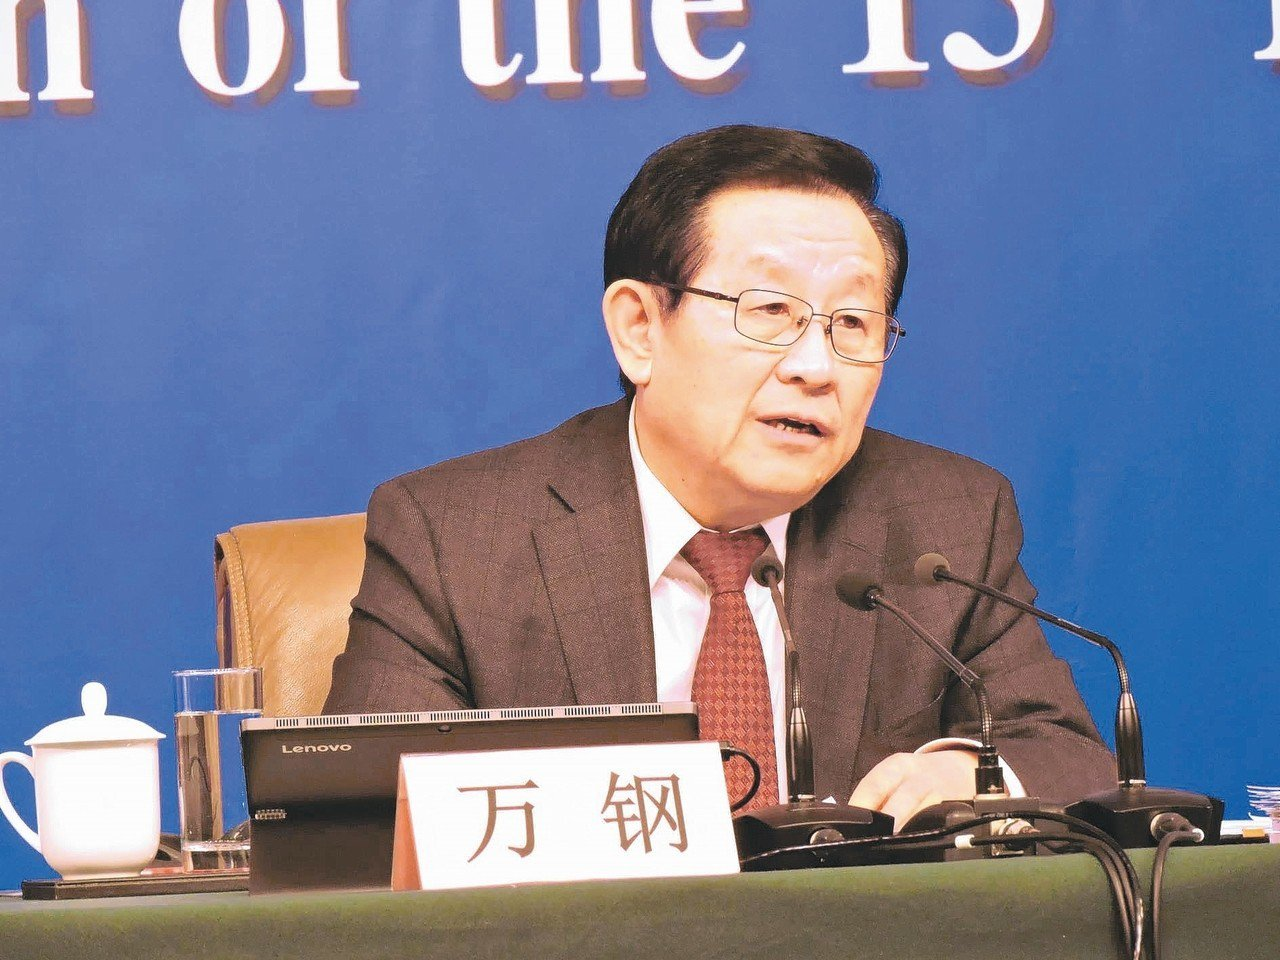 全國政協副主席、中國科協主席萬鋼。 (本報系資料庫)